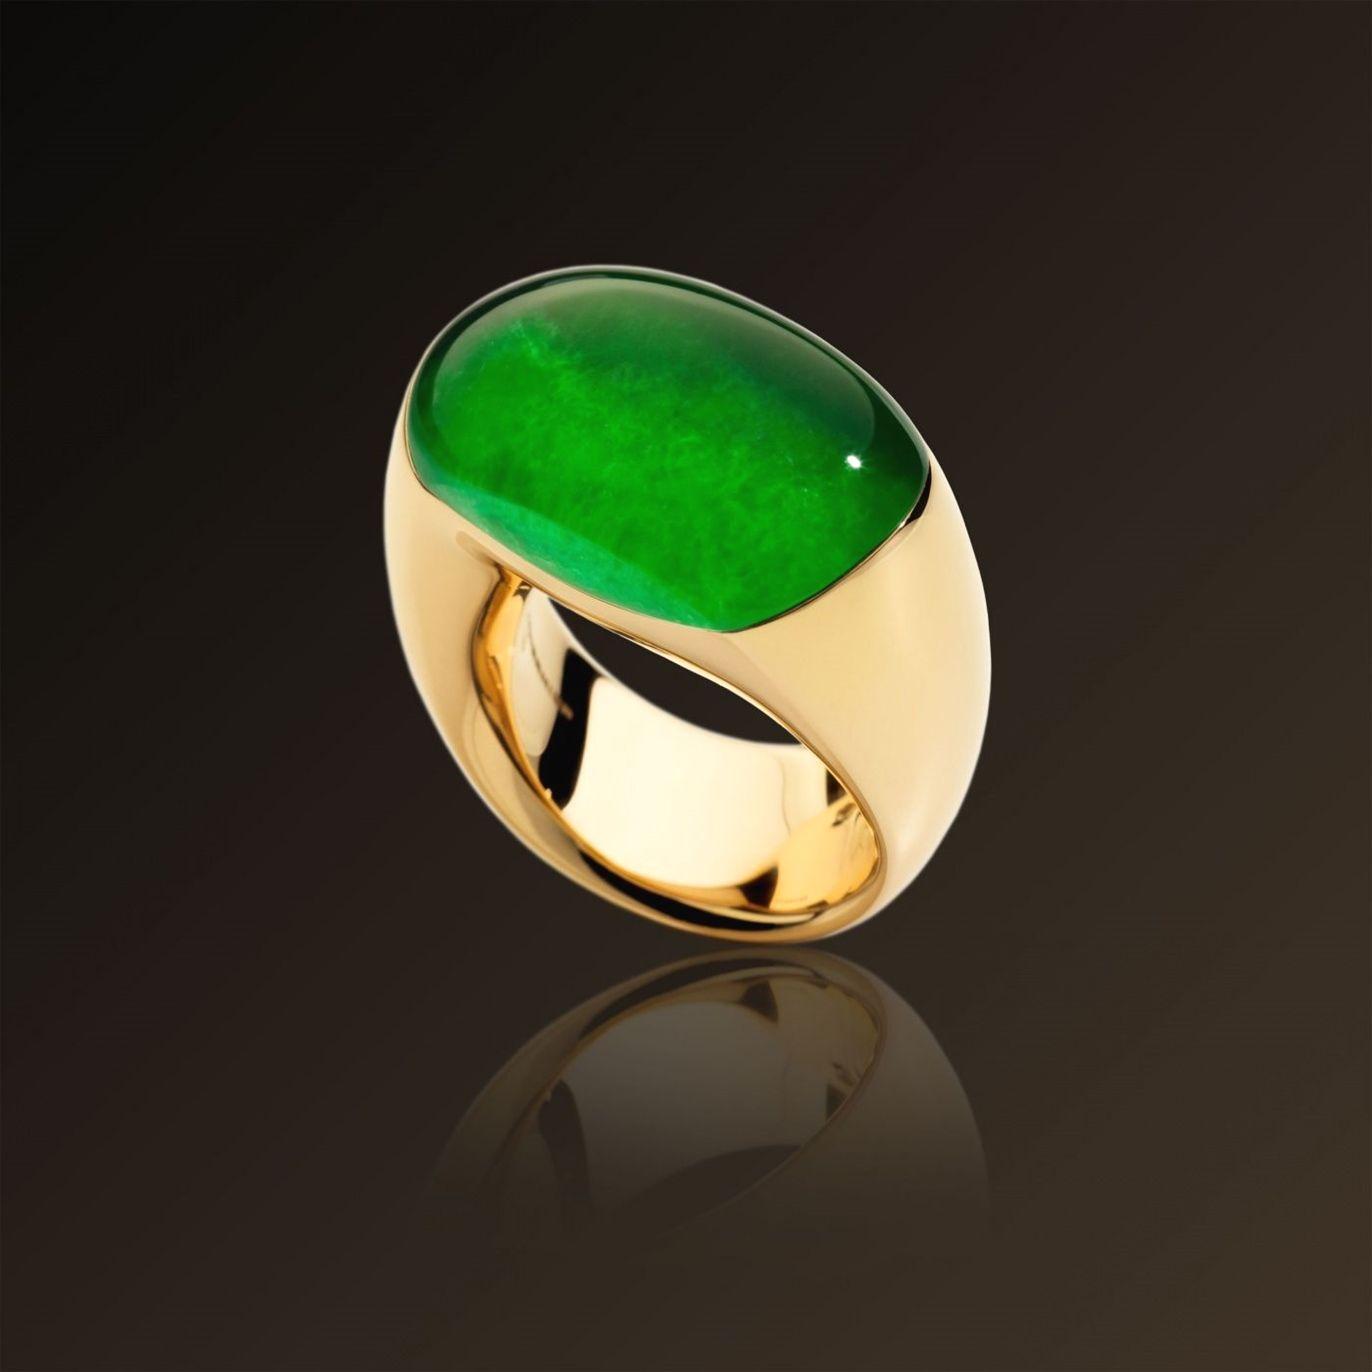 jewelry supplies Clean gold jewelry, Jewelry, Jade jewelry